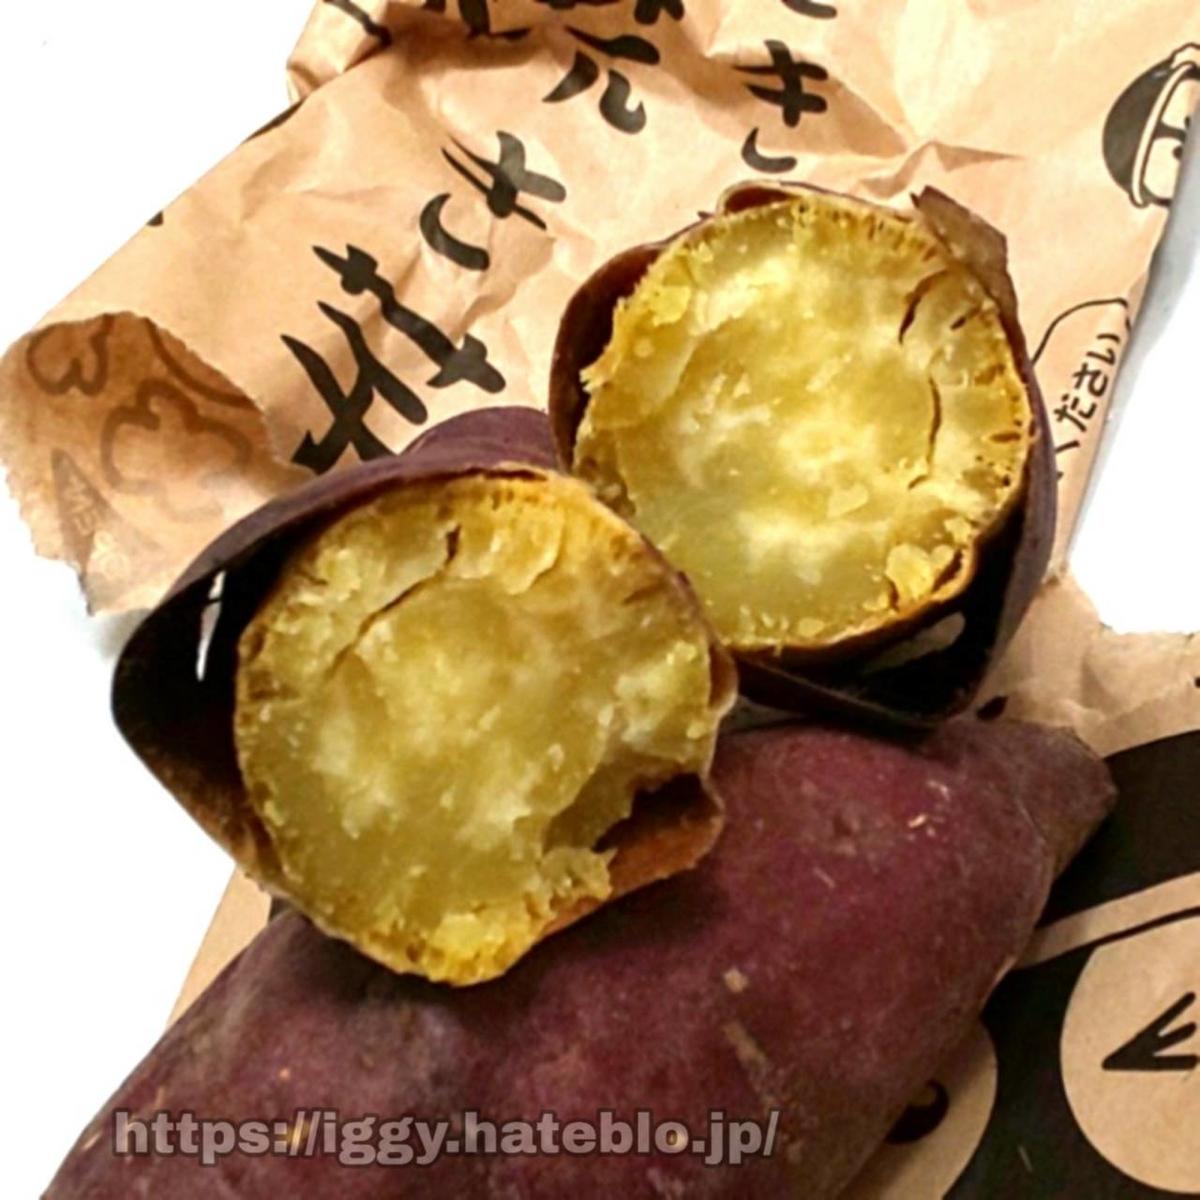 ドン・キホーテ 焼き芋⑤ iggy2019